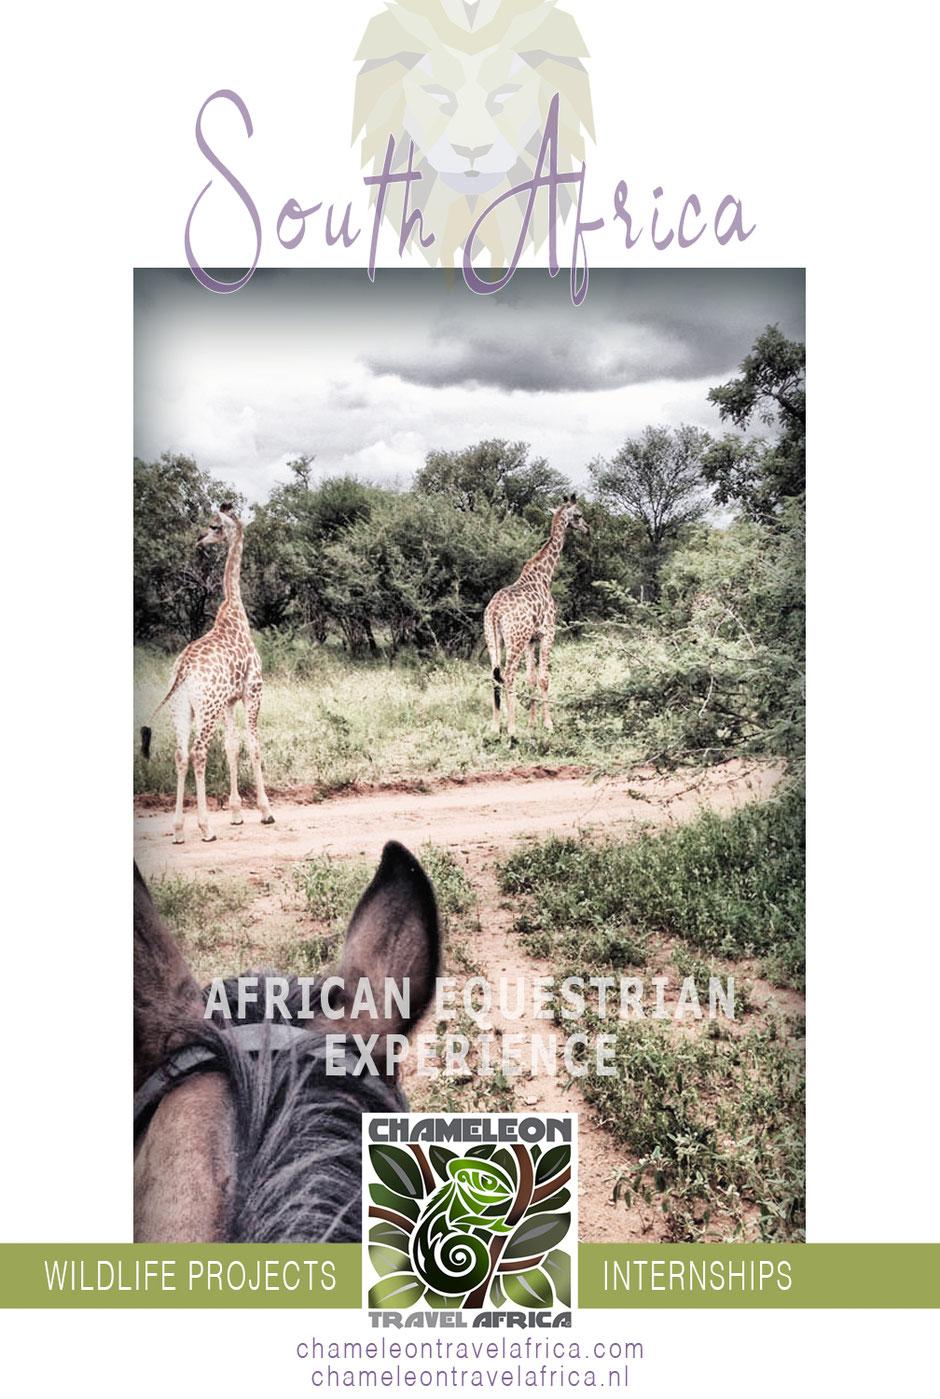 Vrijwilliger, stage, natuur, zuidafrika, wildedieren